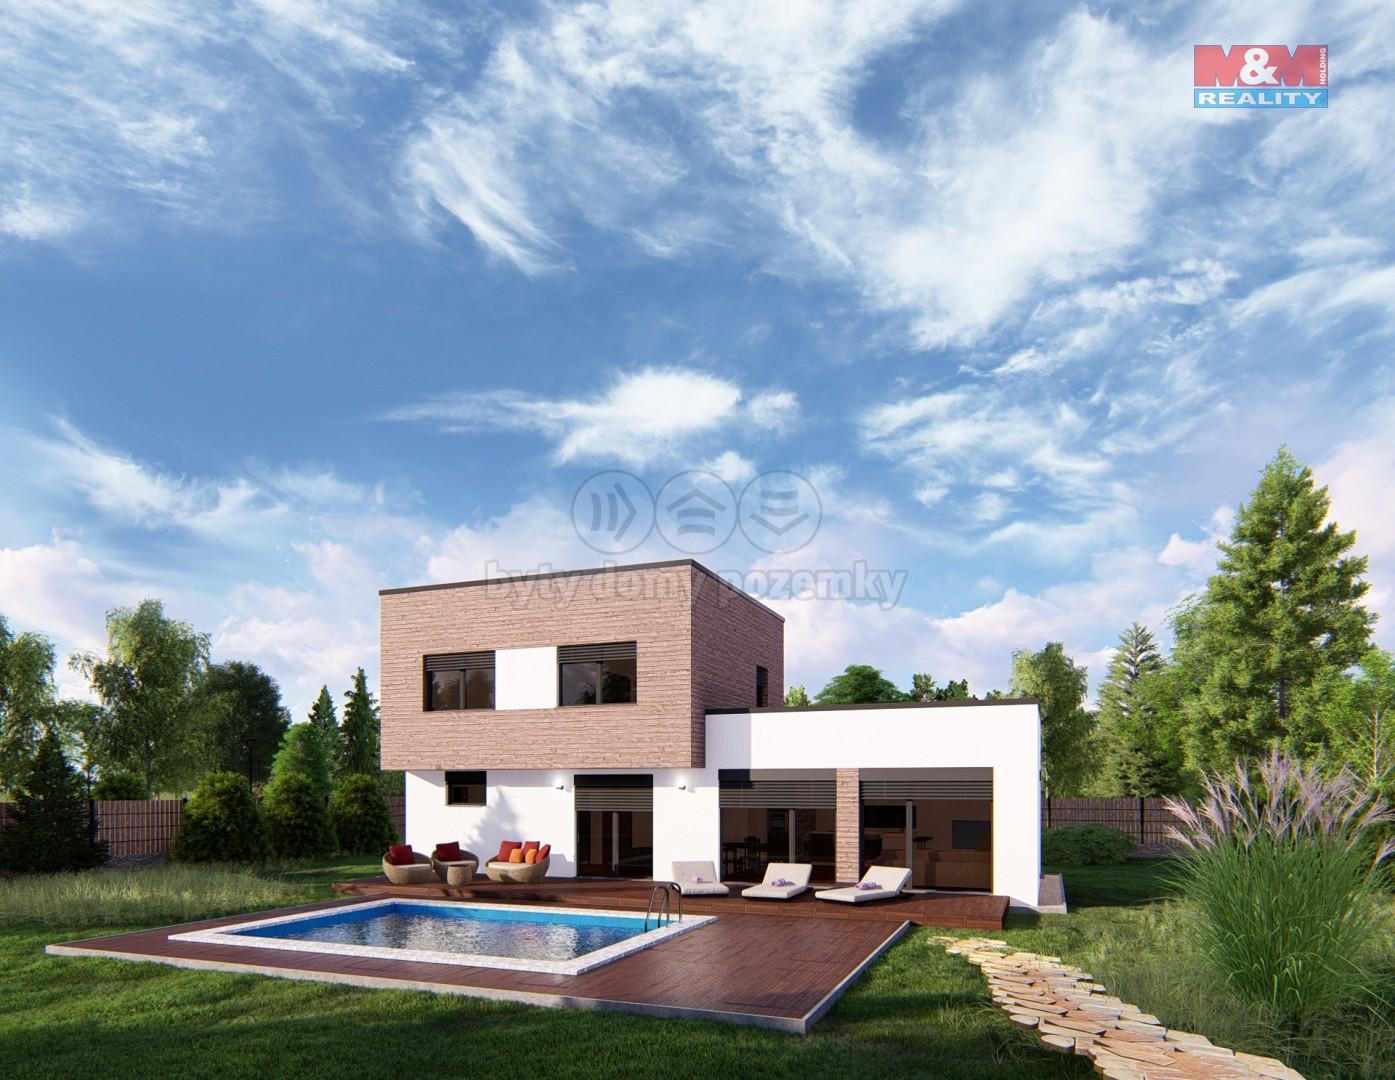 Prodej, rodinný dům s pozemkem 1001m2, Teplice, Srbice